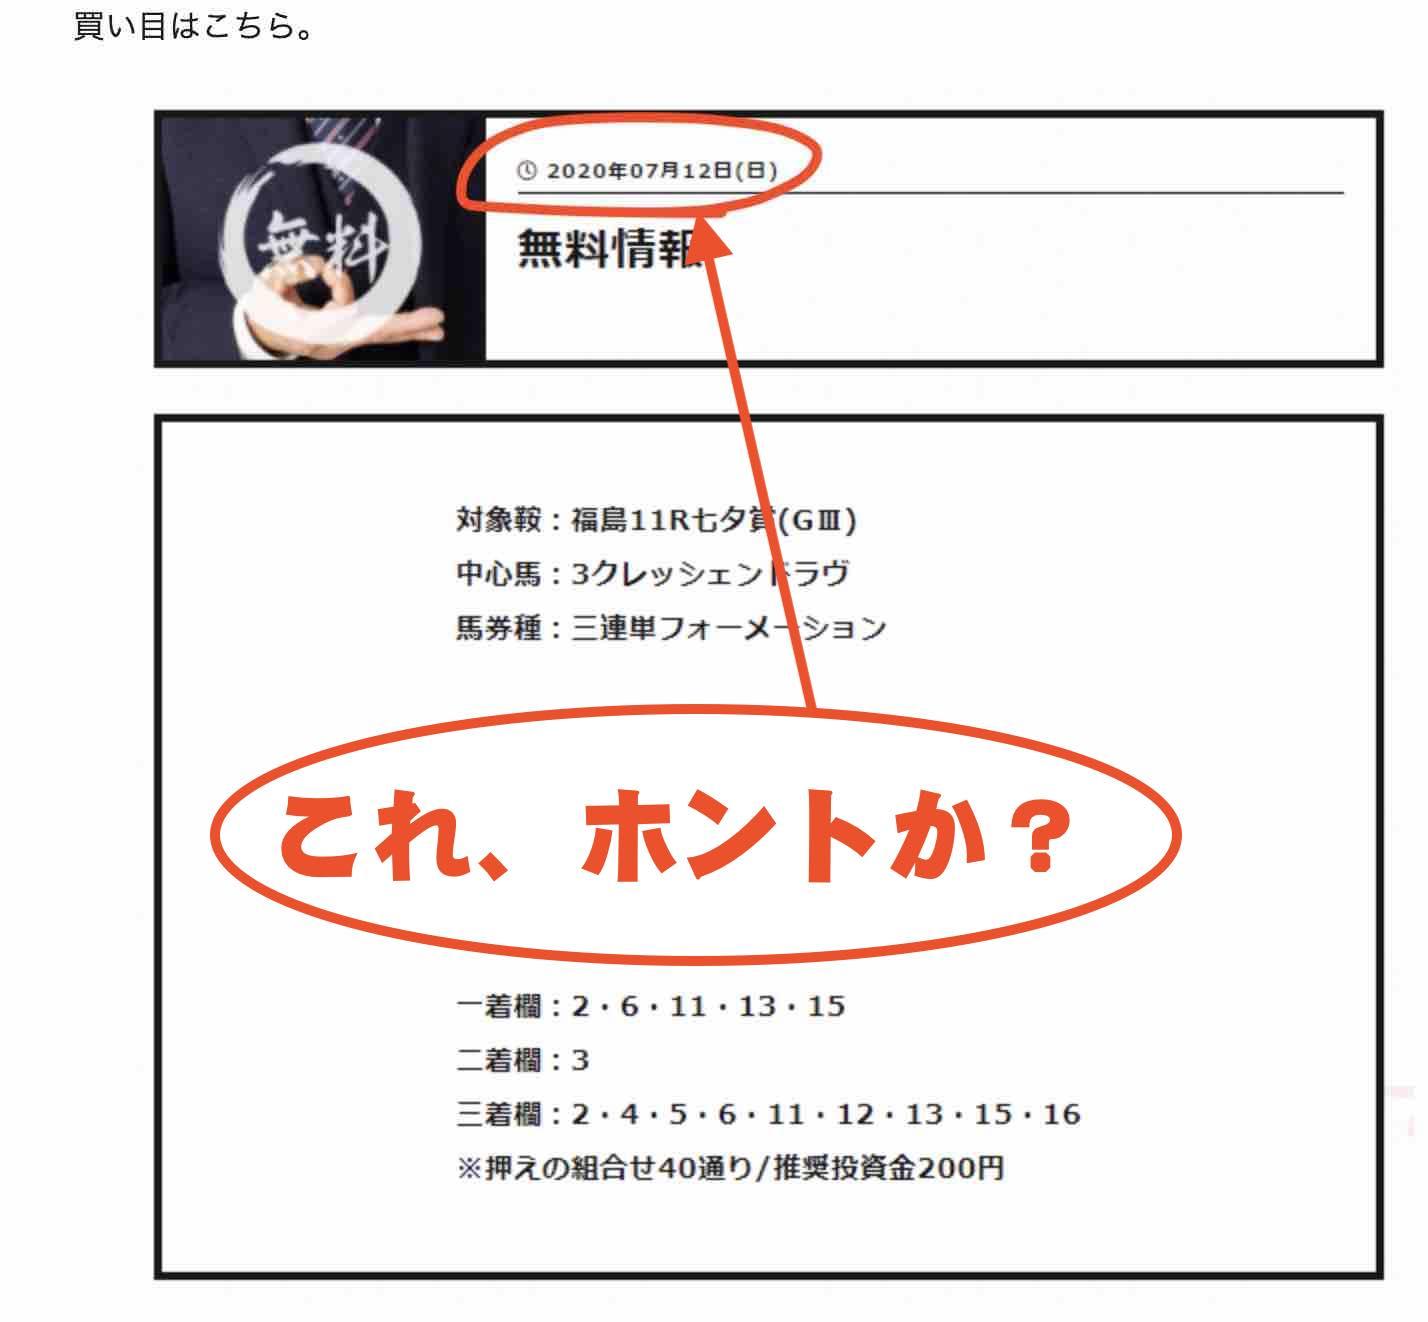 阿九亜屋という競馬予想サイトの検証サイトは本当か?